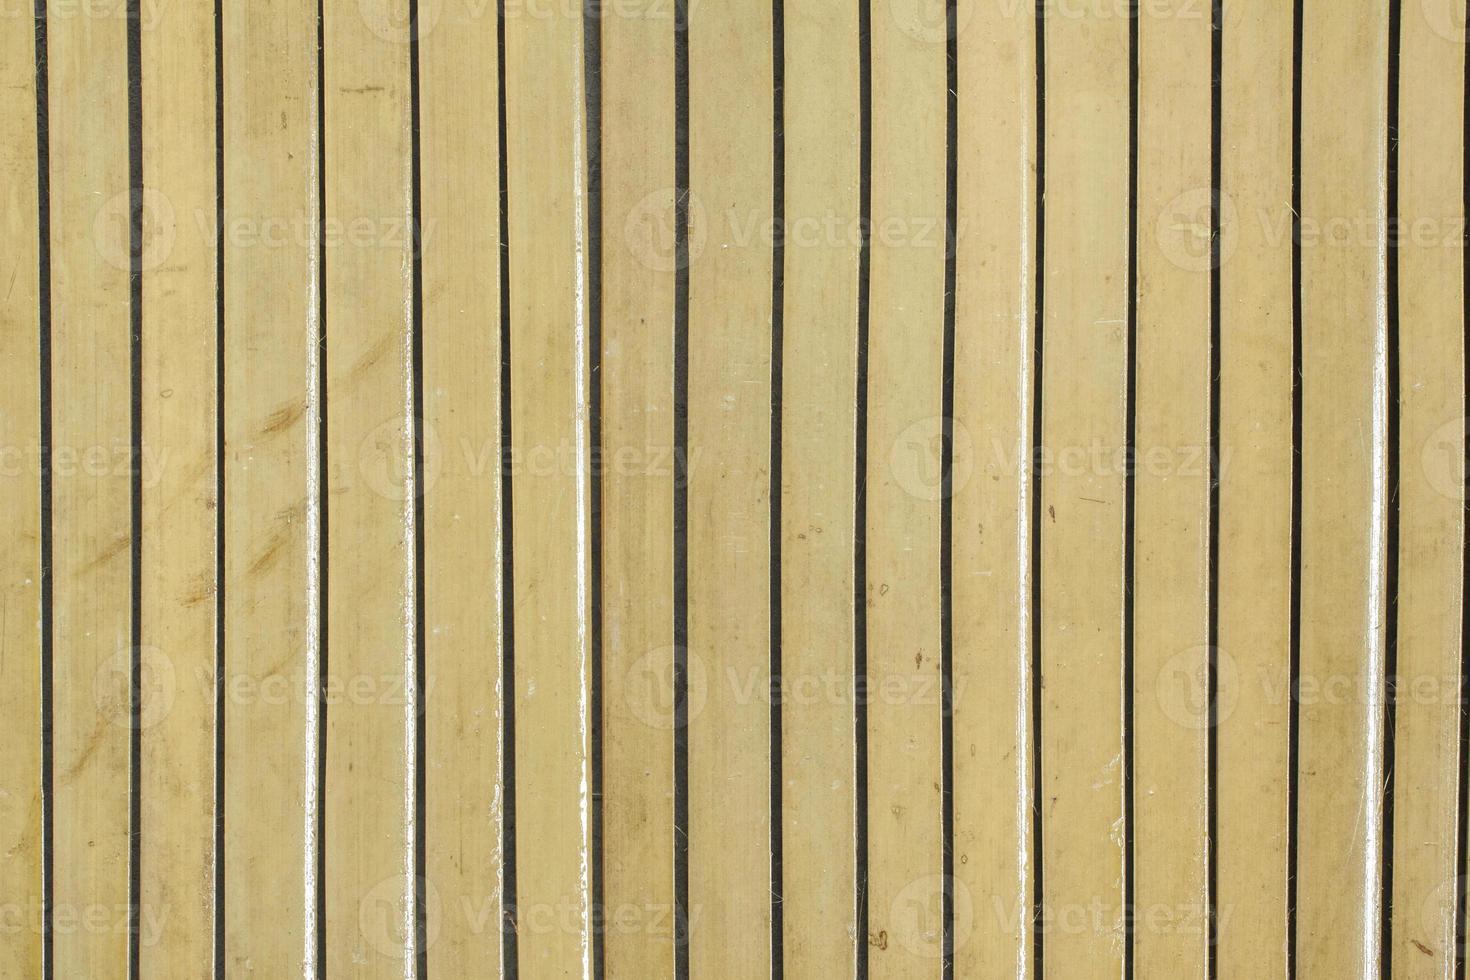 textura de bambu foto